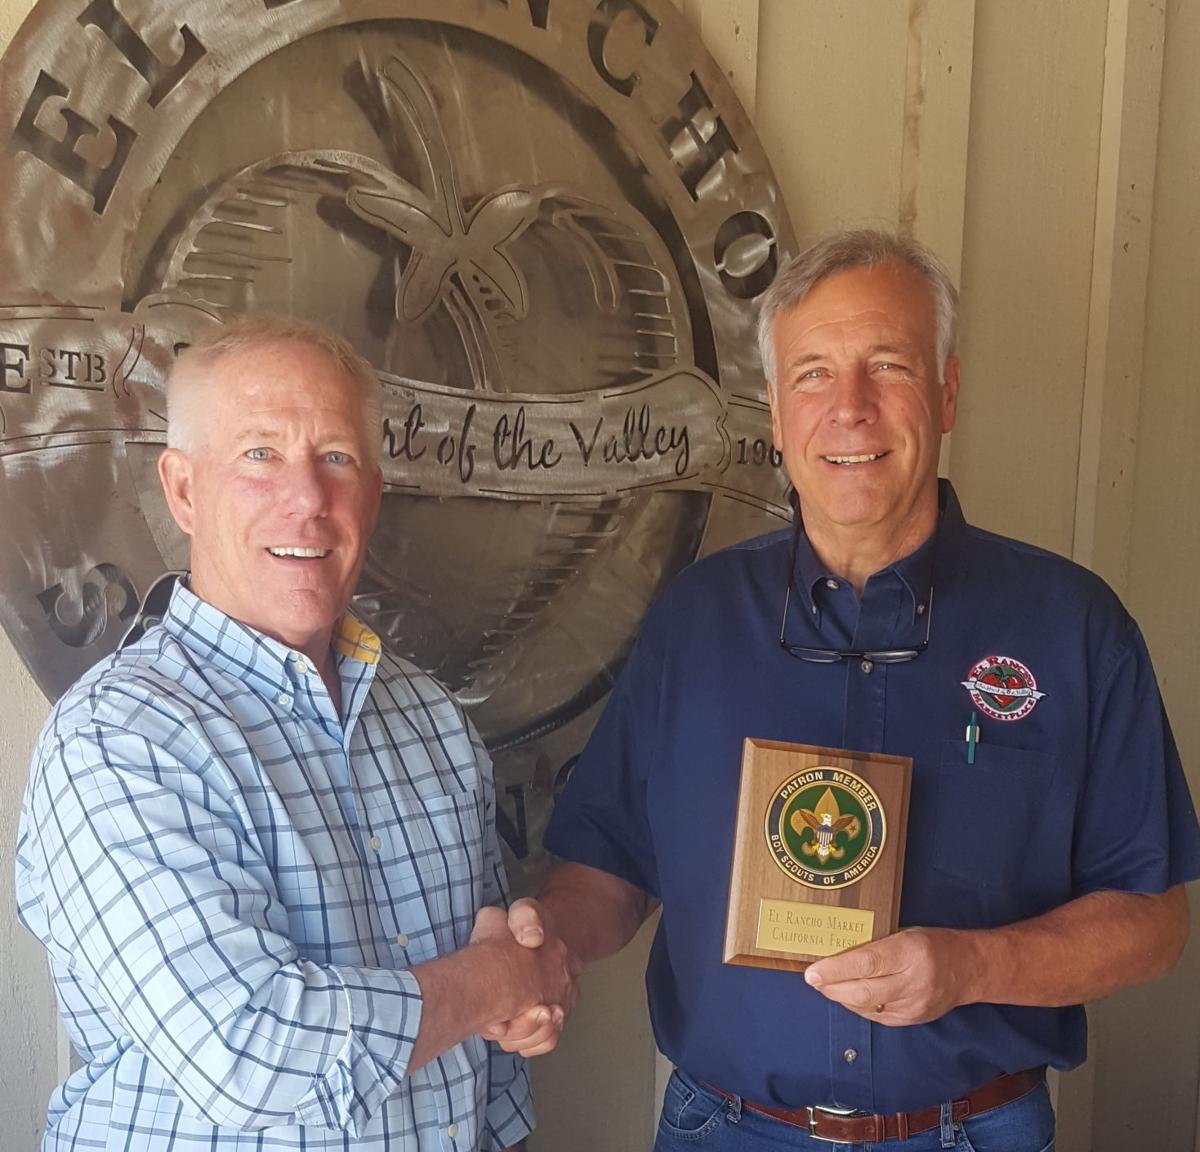 El Rancho award from Boy Scouts